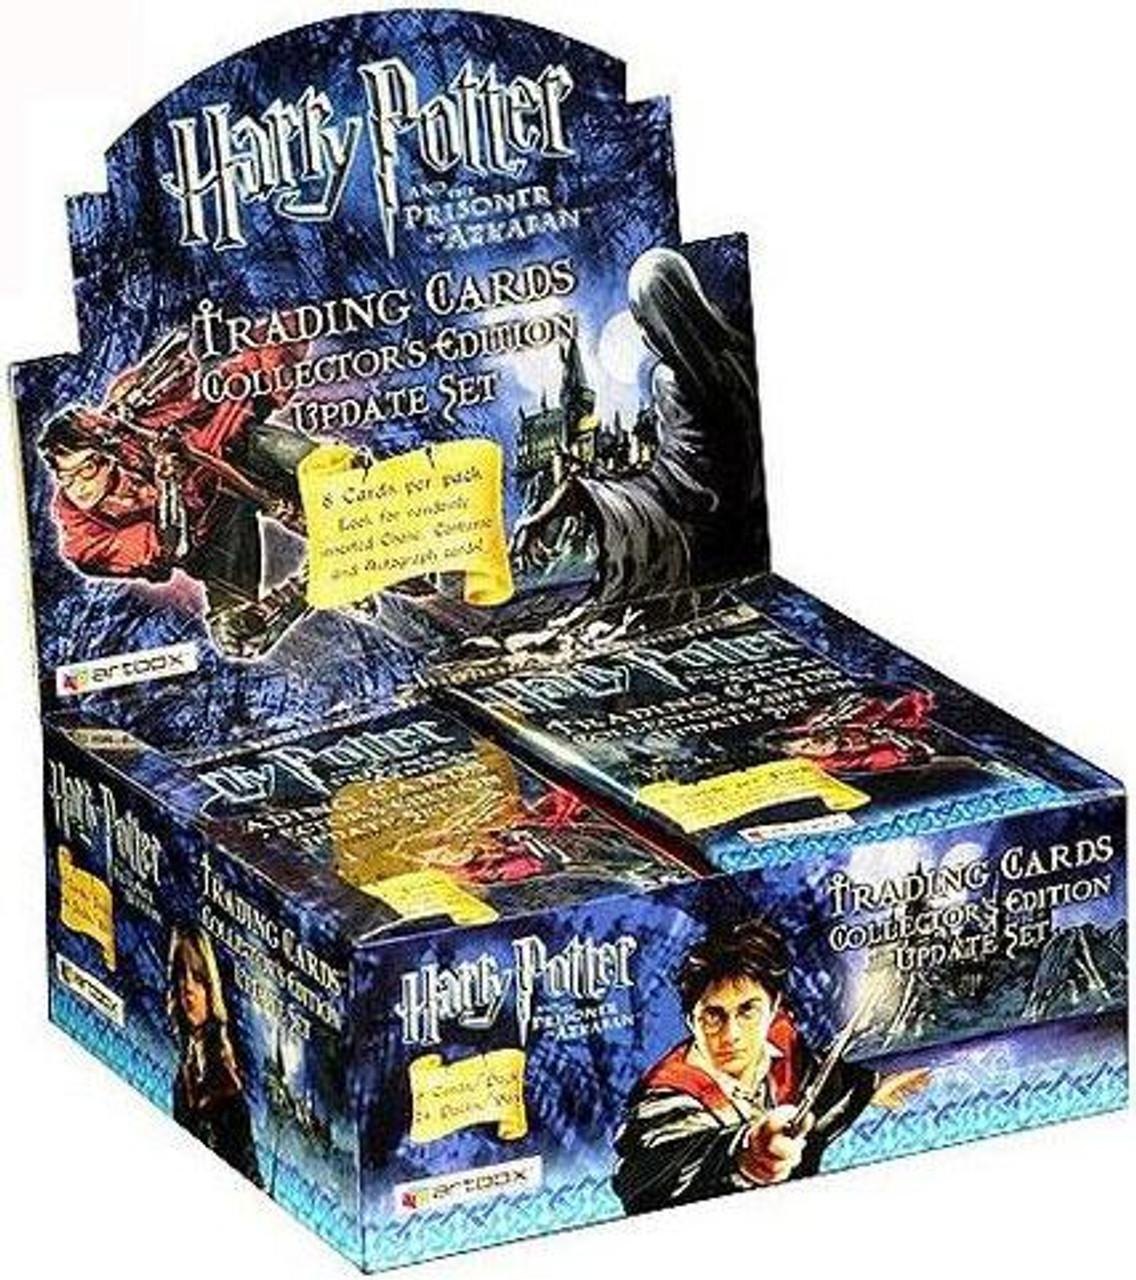 Harry Potter The Prisoner of Azkaban Trading Card Box [Update Set]